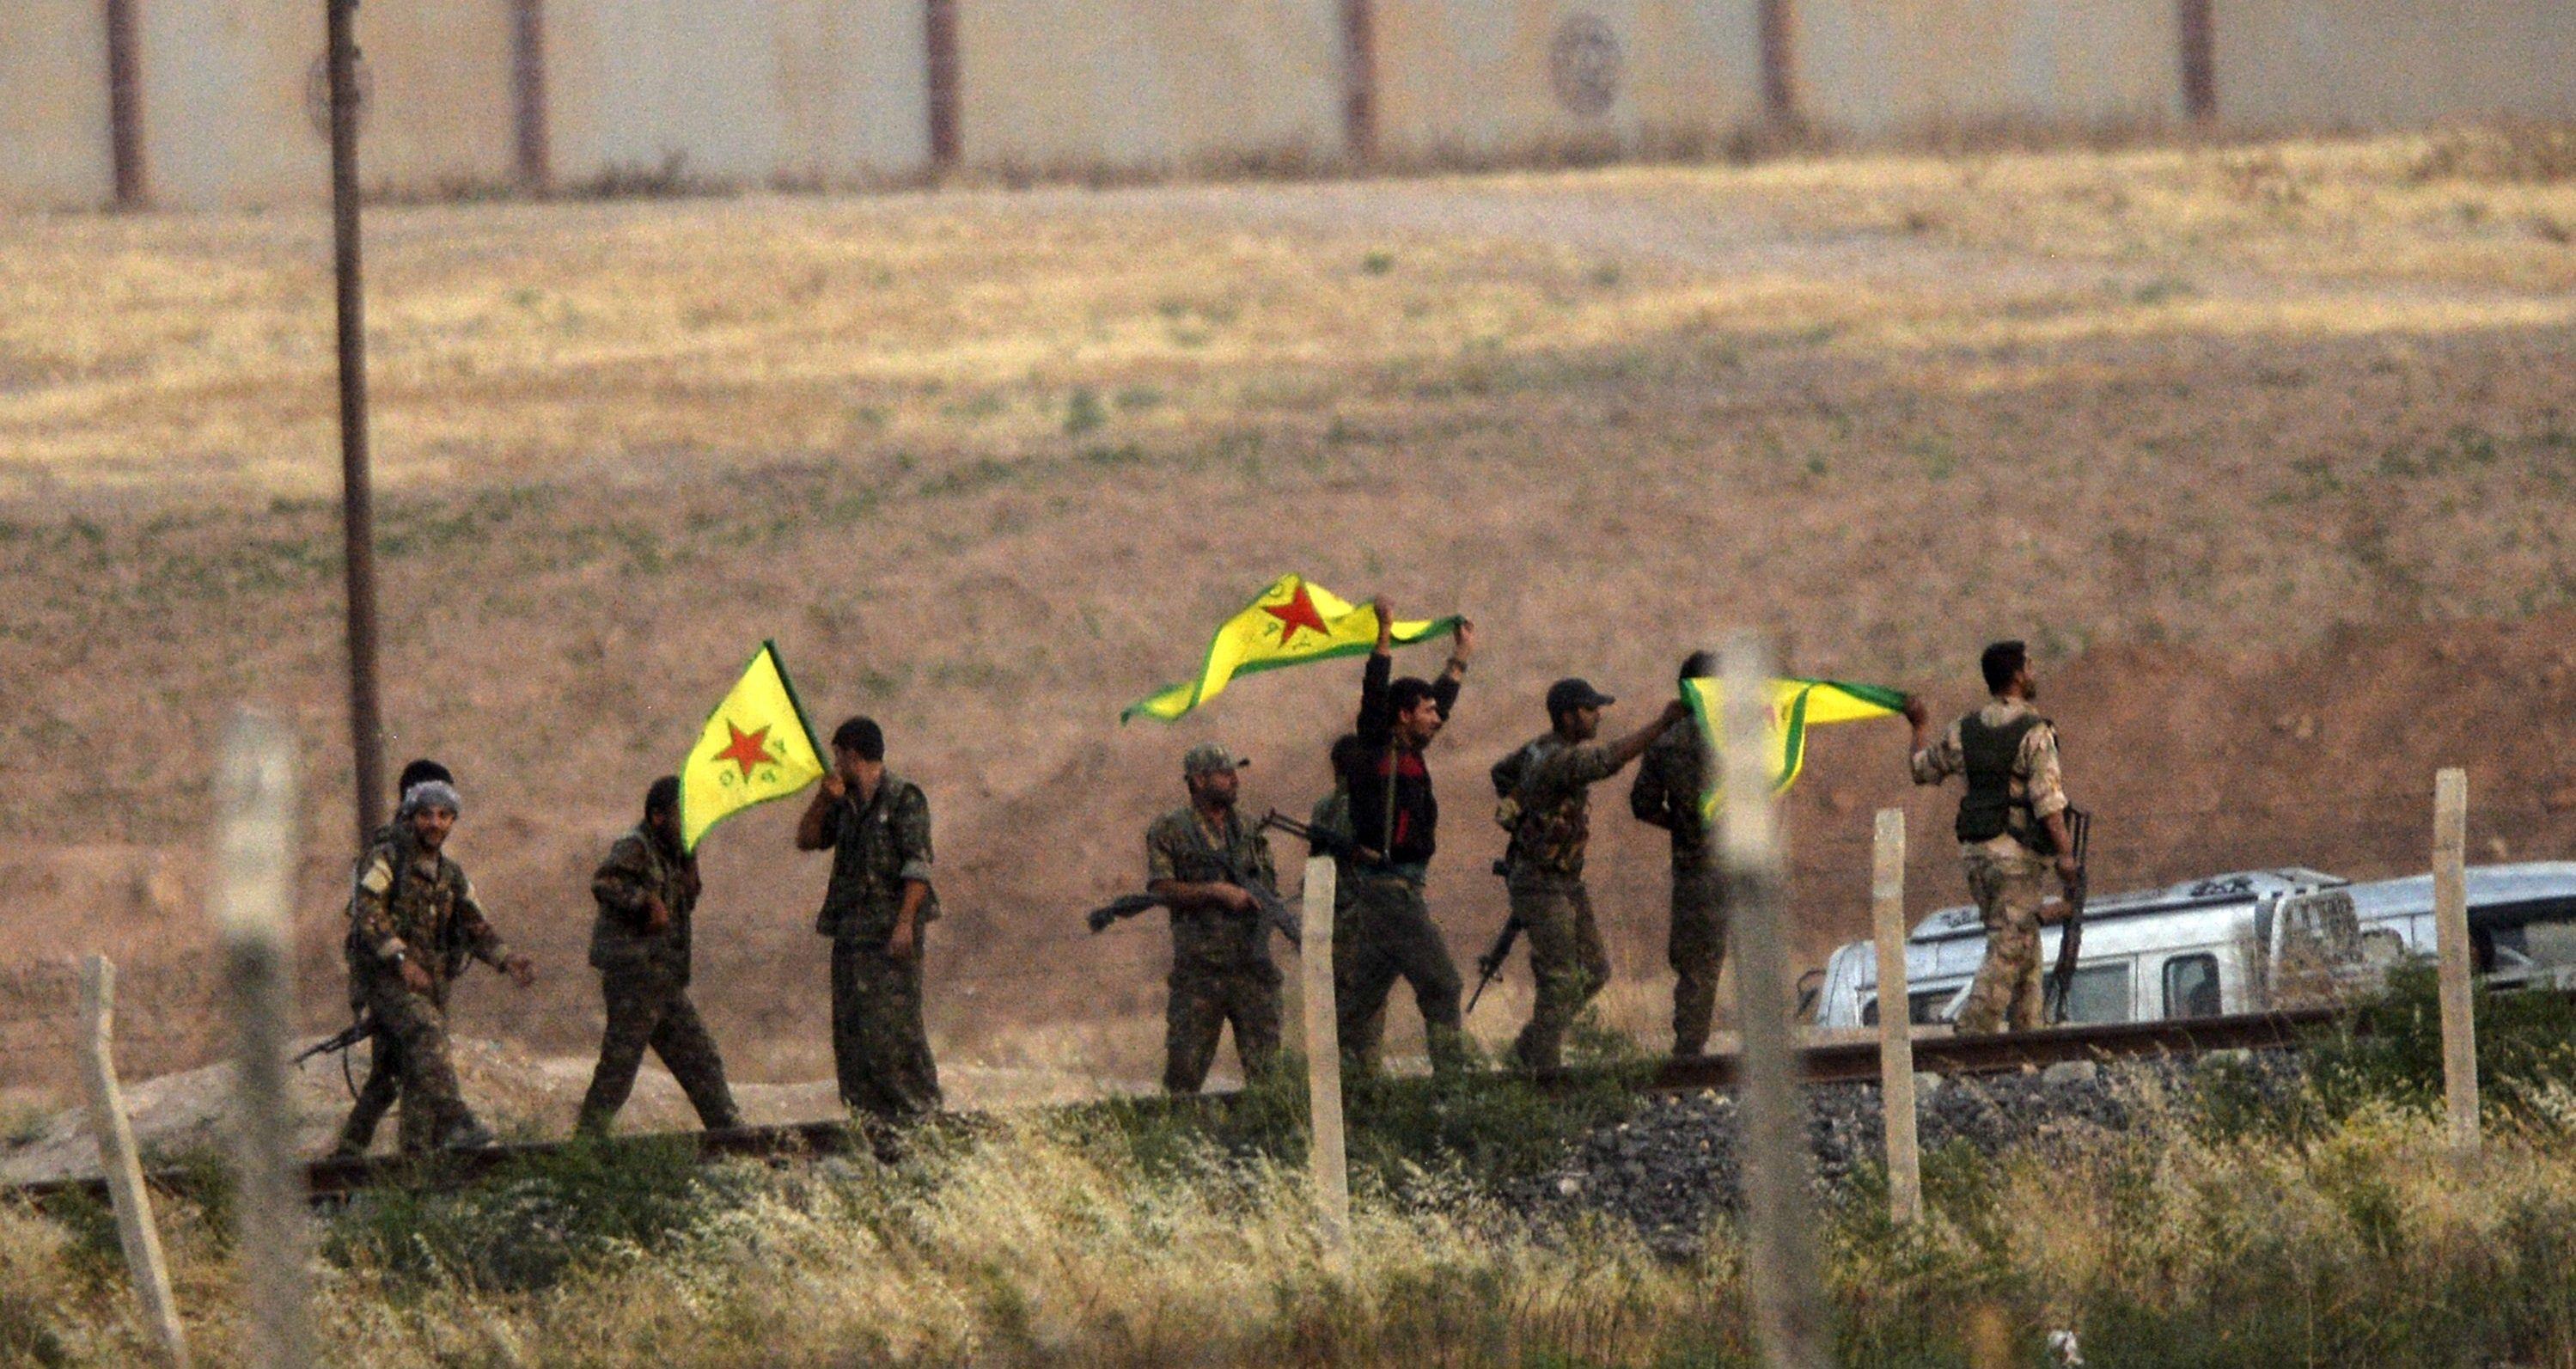 صورة بعد داعش..هل تخشى المليشيات الكردية بسوريا خيانة الغرب؟